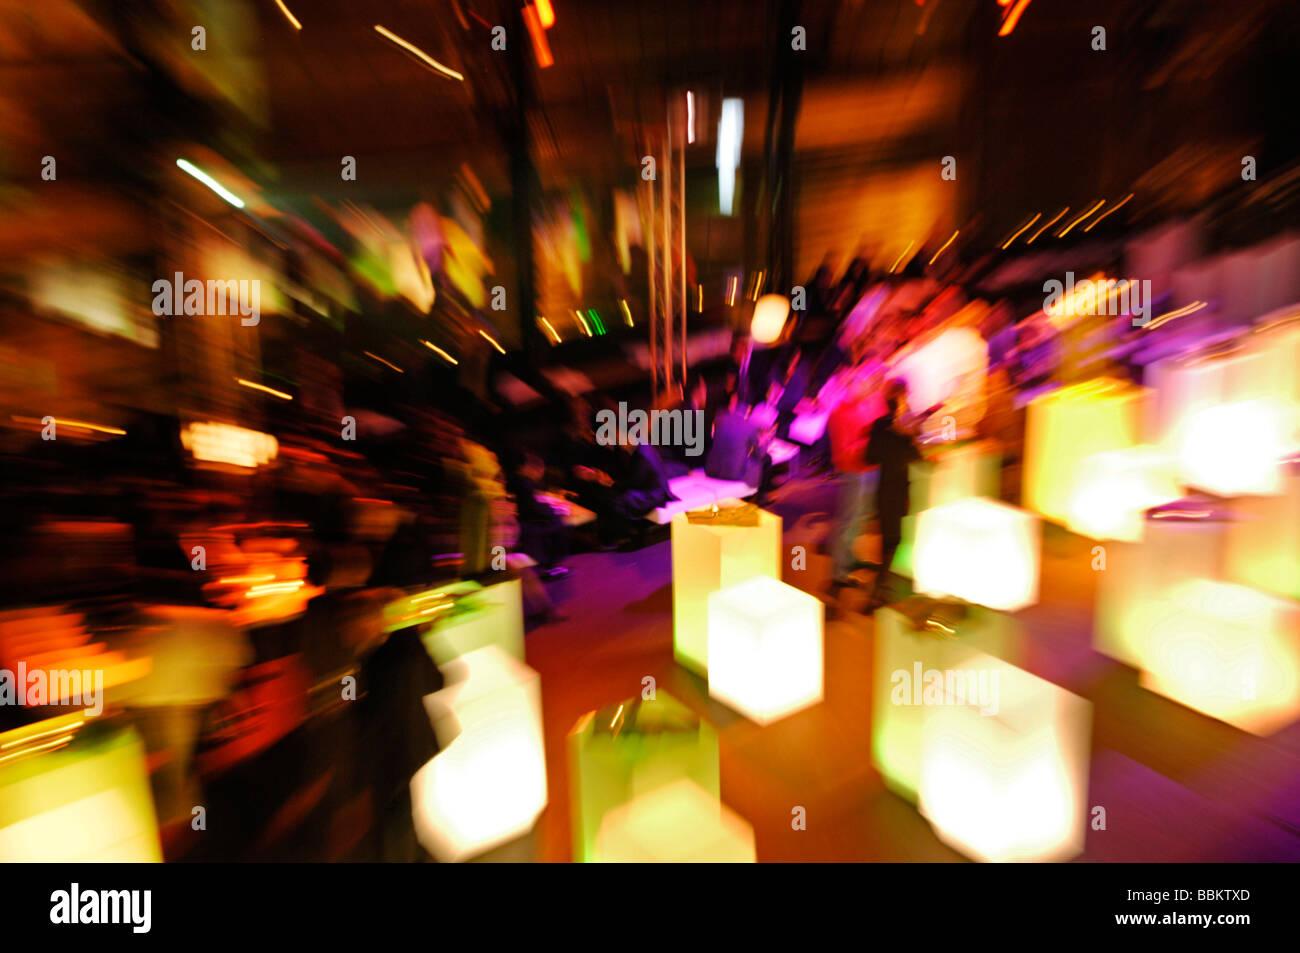 Abendveranstaltung, Menschen, Zoom-Effekt Stockbild